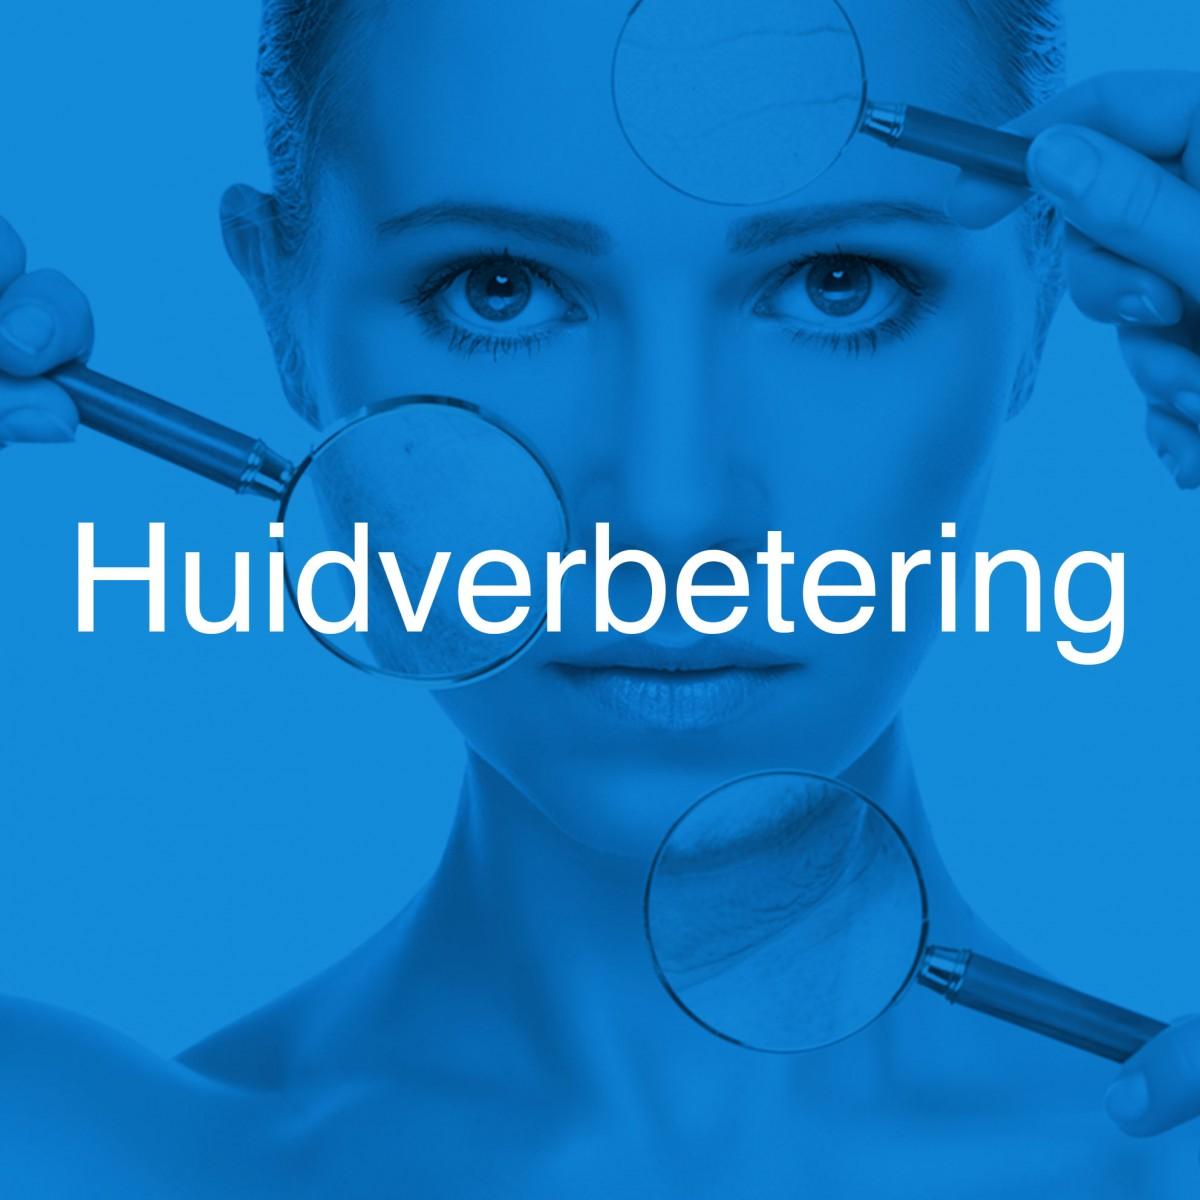 Huidtherapie-Twente-huidverbetering-hover-2